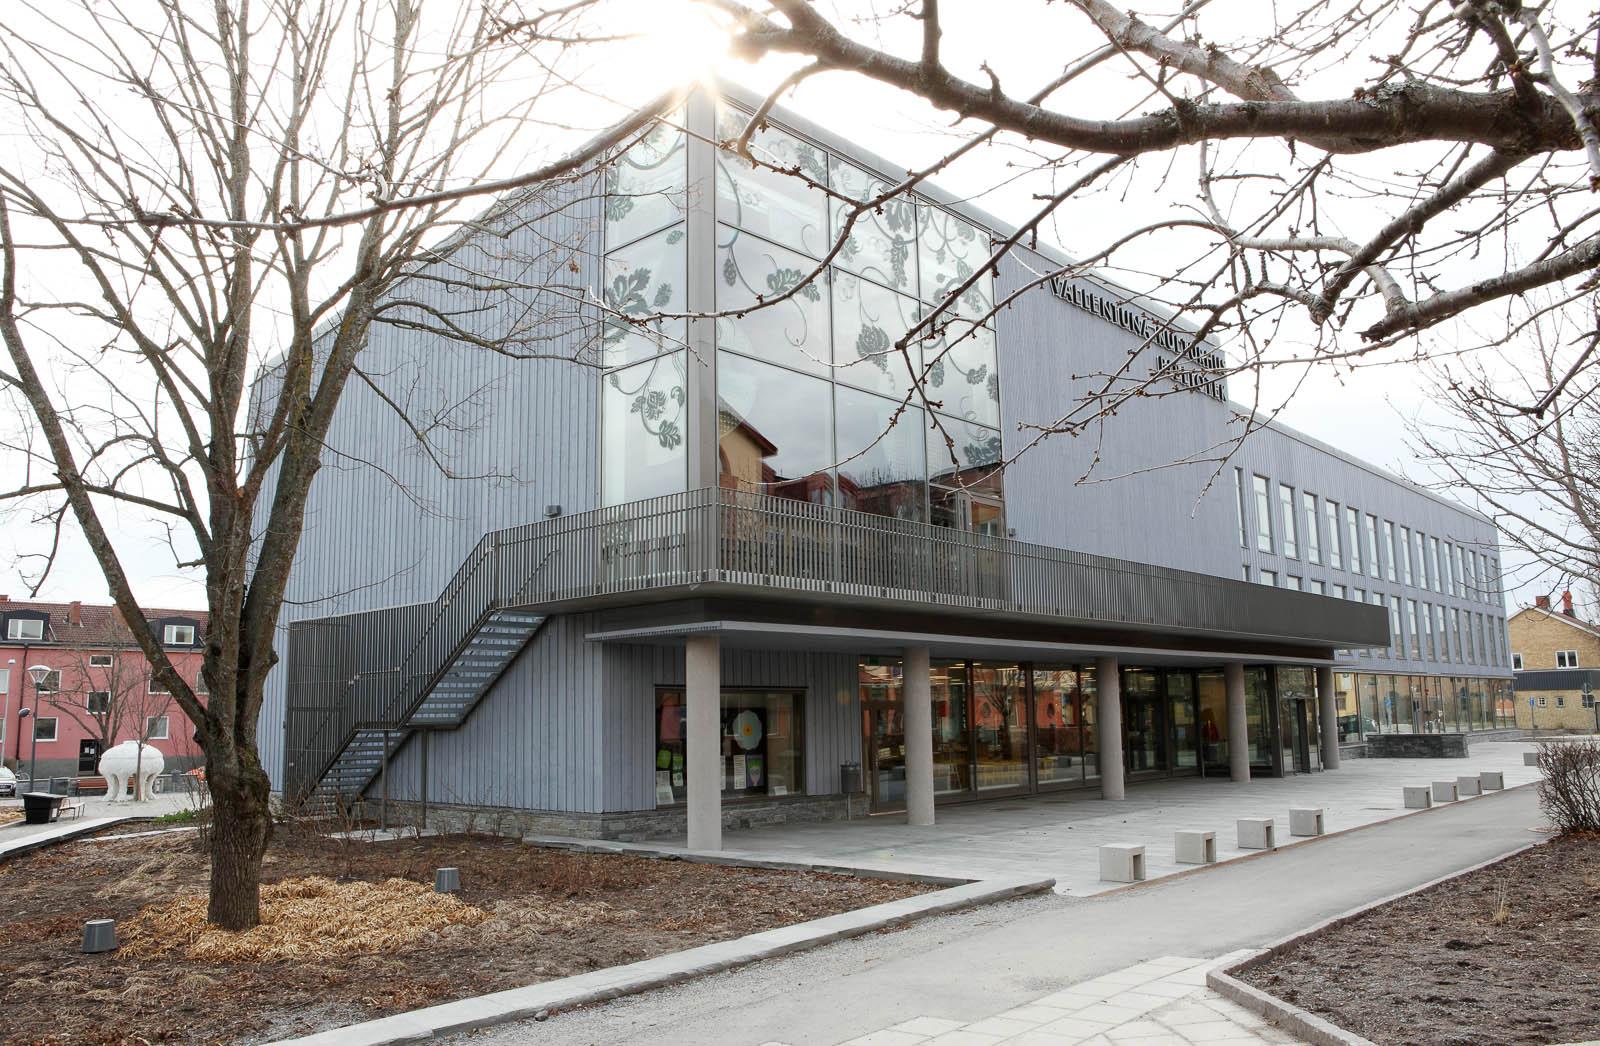 Vallentuna kulturhus utifrån, stor grå byggnad. Kristoffer Zetterstrand, In Vitro (2012)